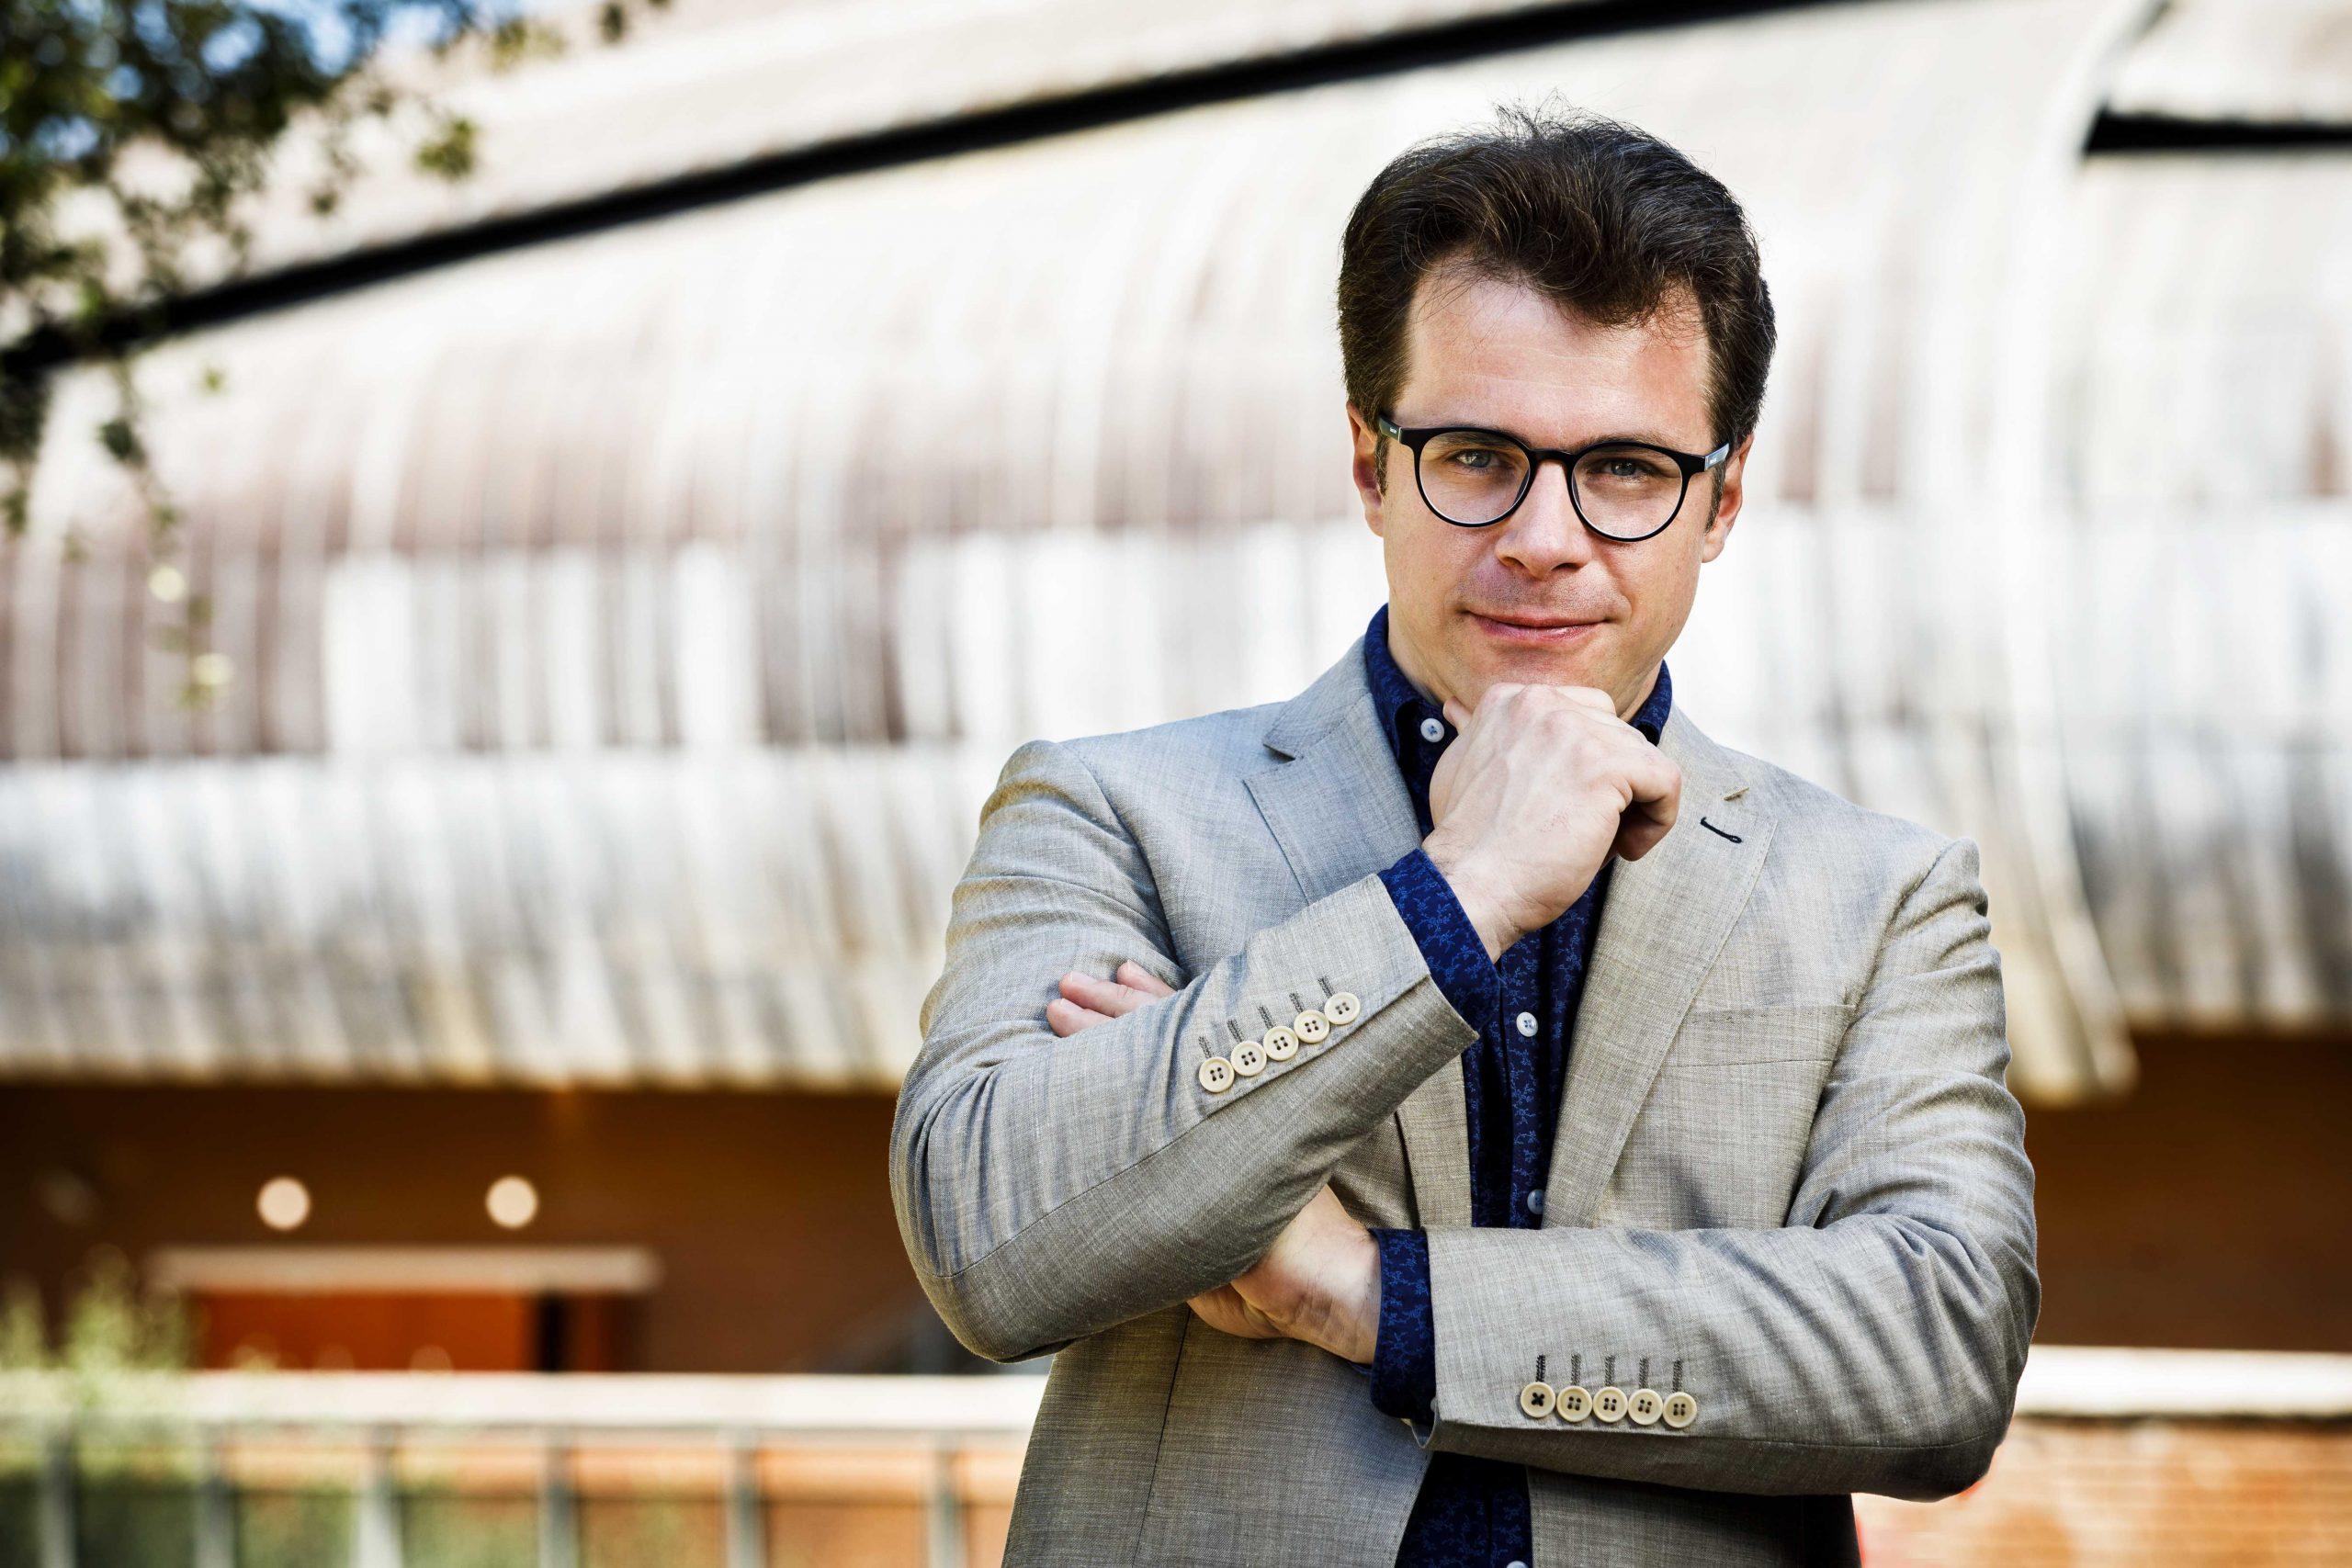 Jakub Hrůša announced as principal guest conductor of the orchestra Dell'Accademia Nazional Di Santa Cecilia